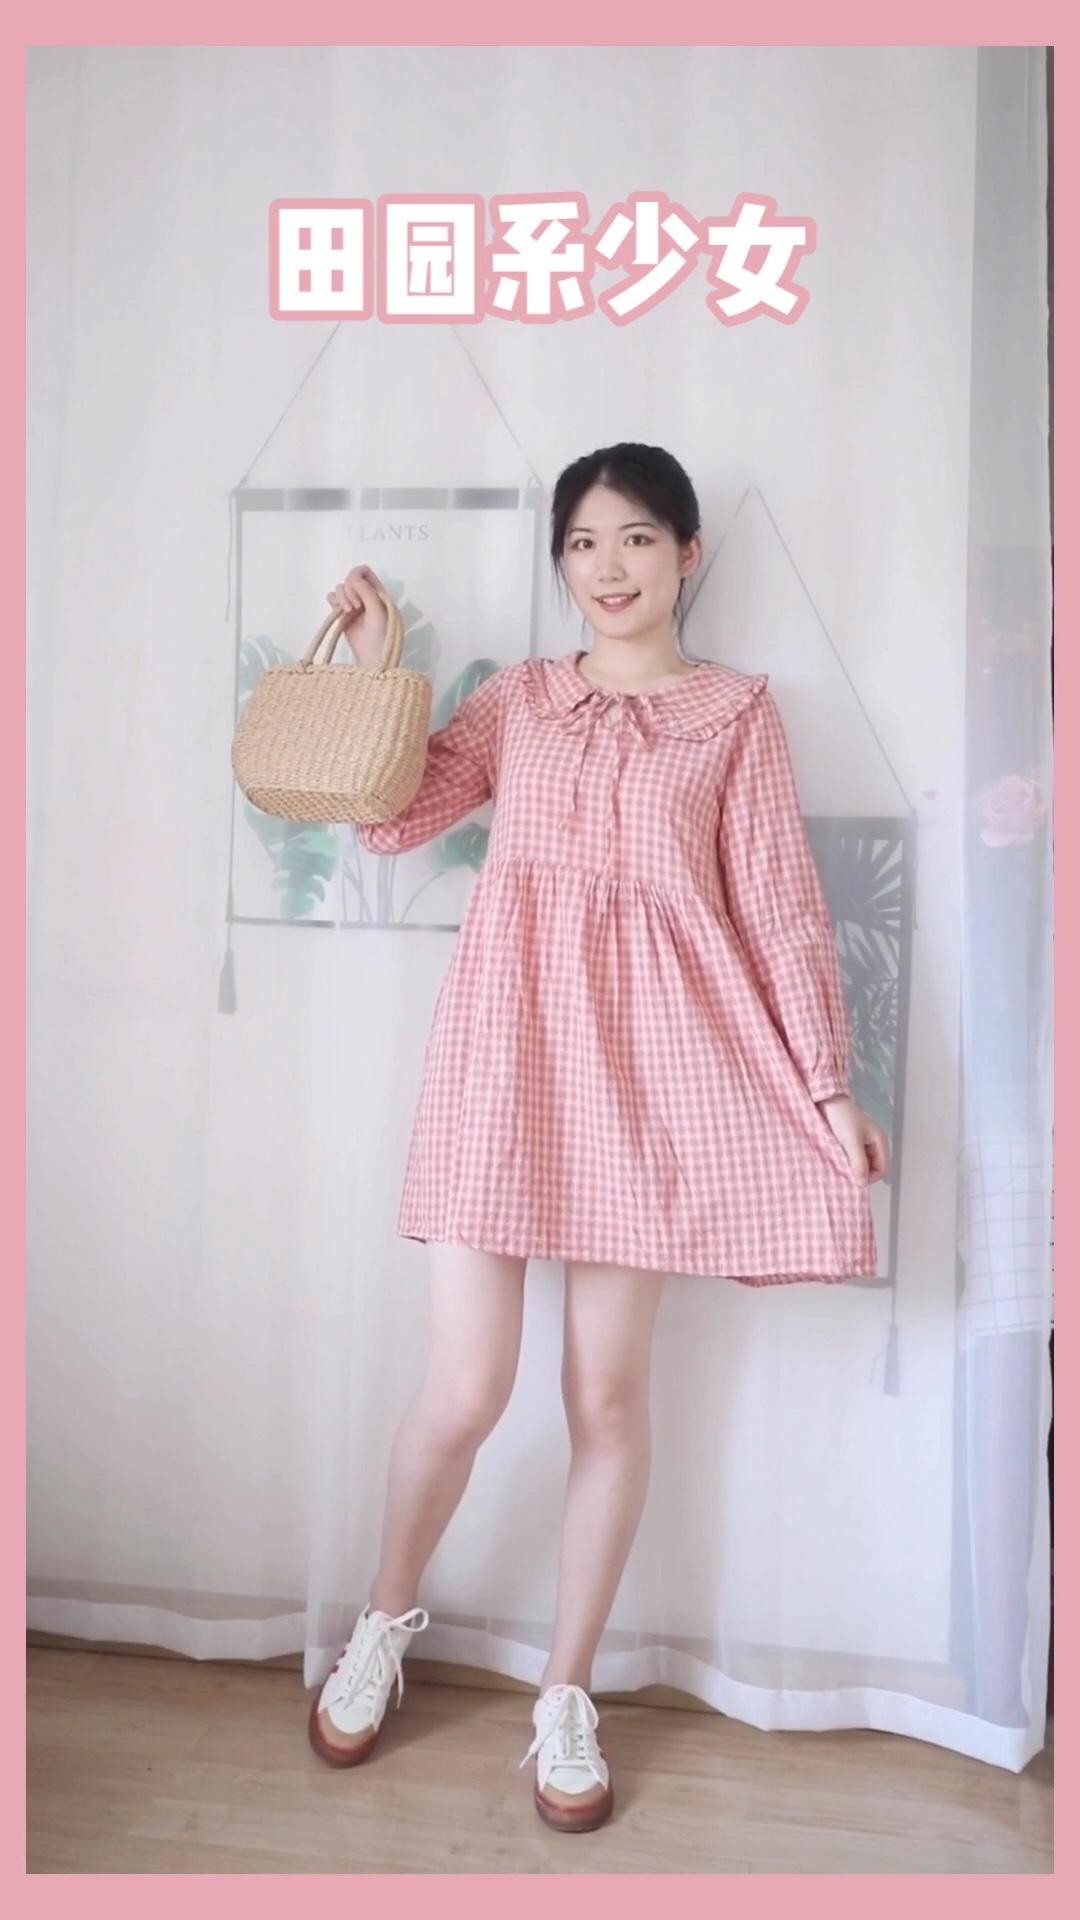 #私藏plmm穿搭,太可了!# 安利一条甜美小裙子!粉色格子乖巧可爱,直筒的娃娃裙版型,宽松不挑人,花瓣领遮住了肩宽,显得人小巧可爱,推荐!